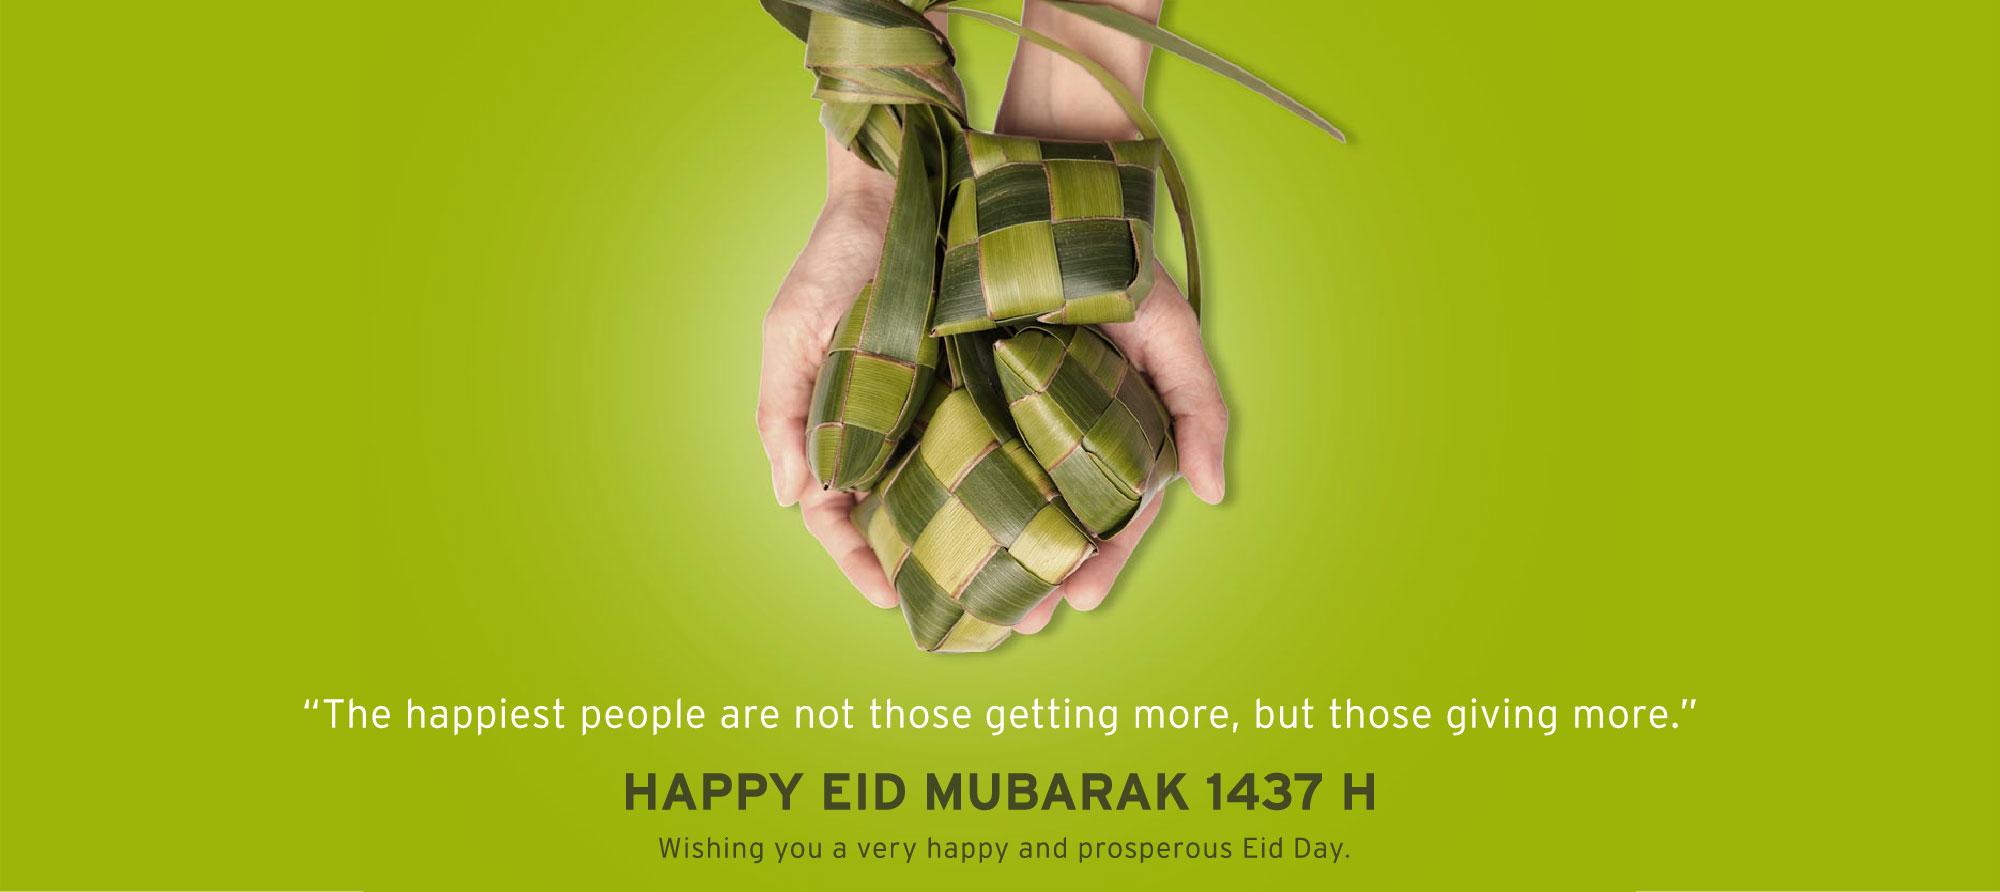 Happy Eid Mubarak 2016-13